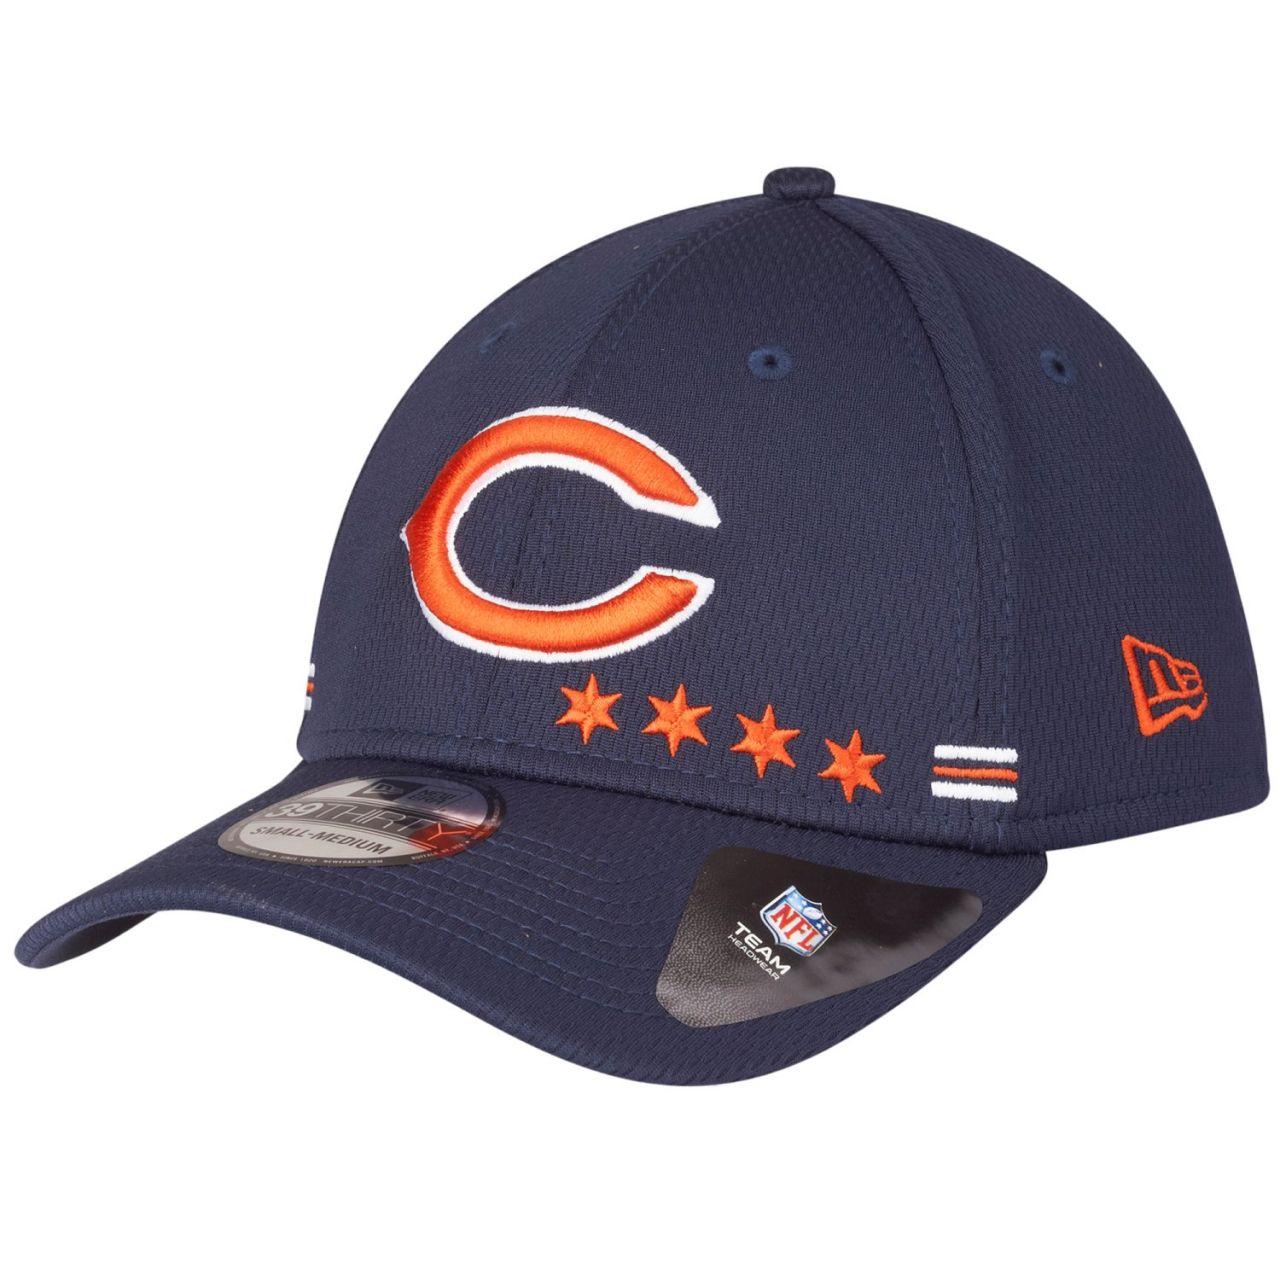 amfoo - New Era 39Thirty Cap - HOMETOWN Chicago Bears